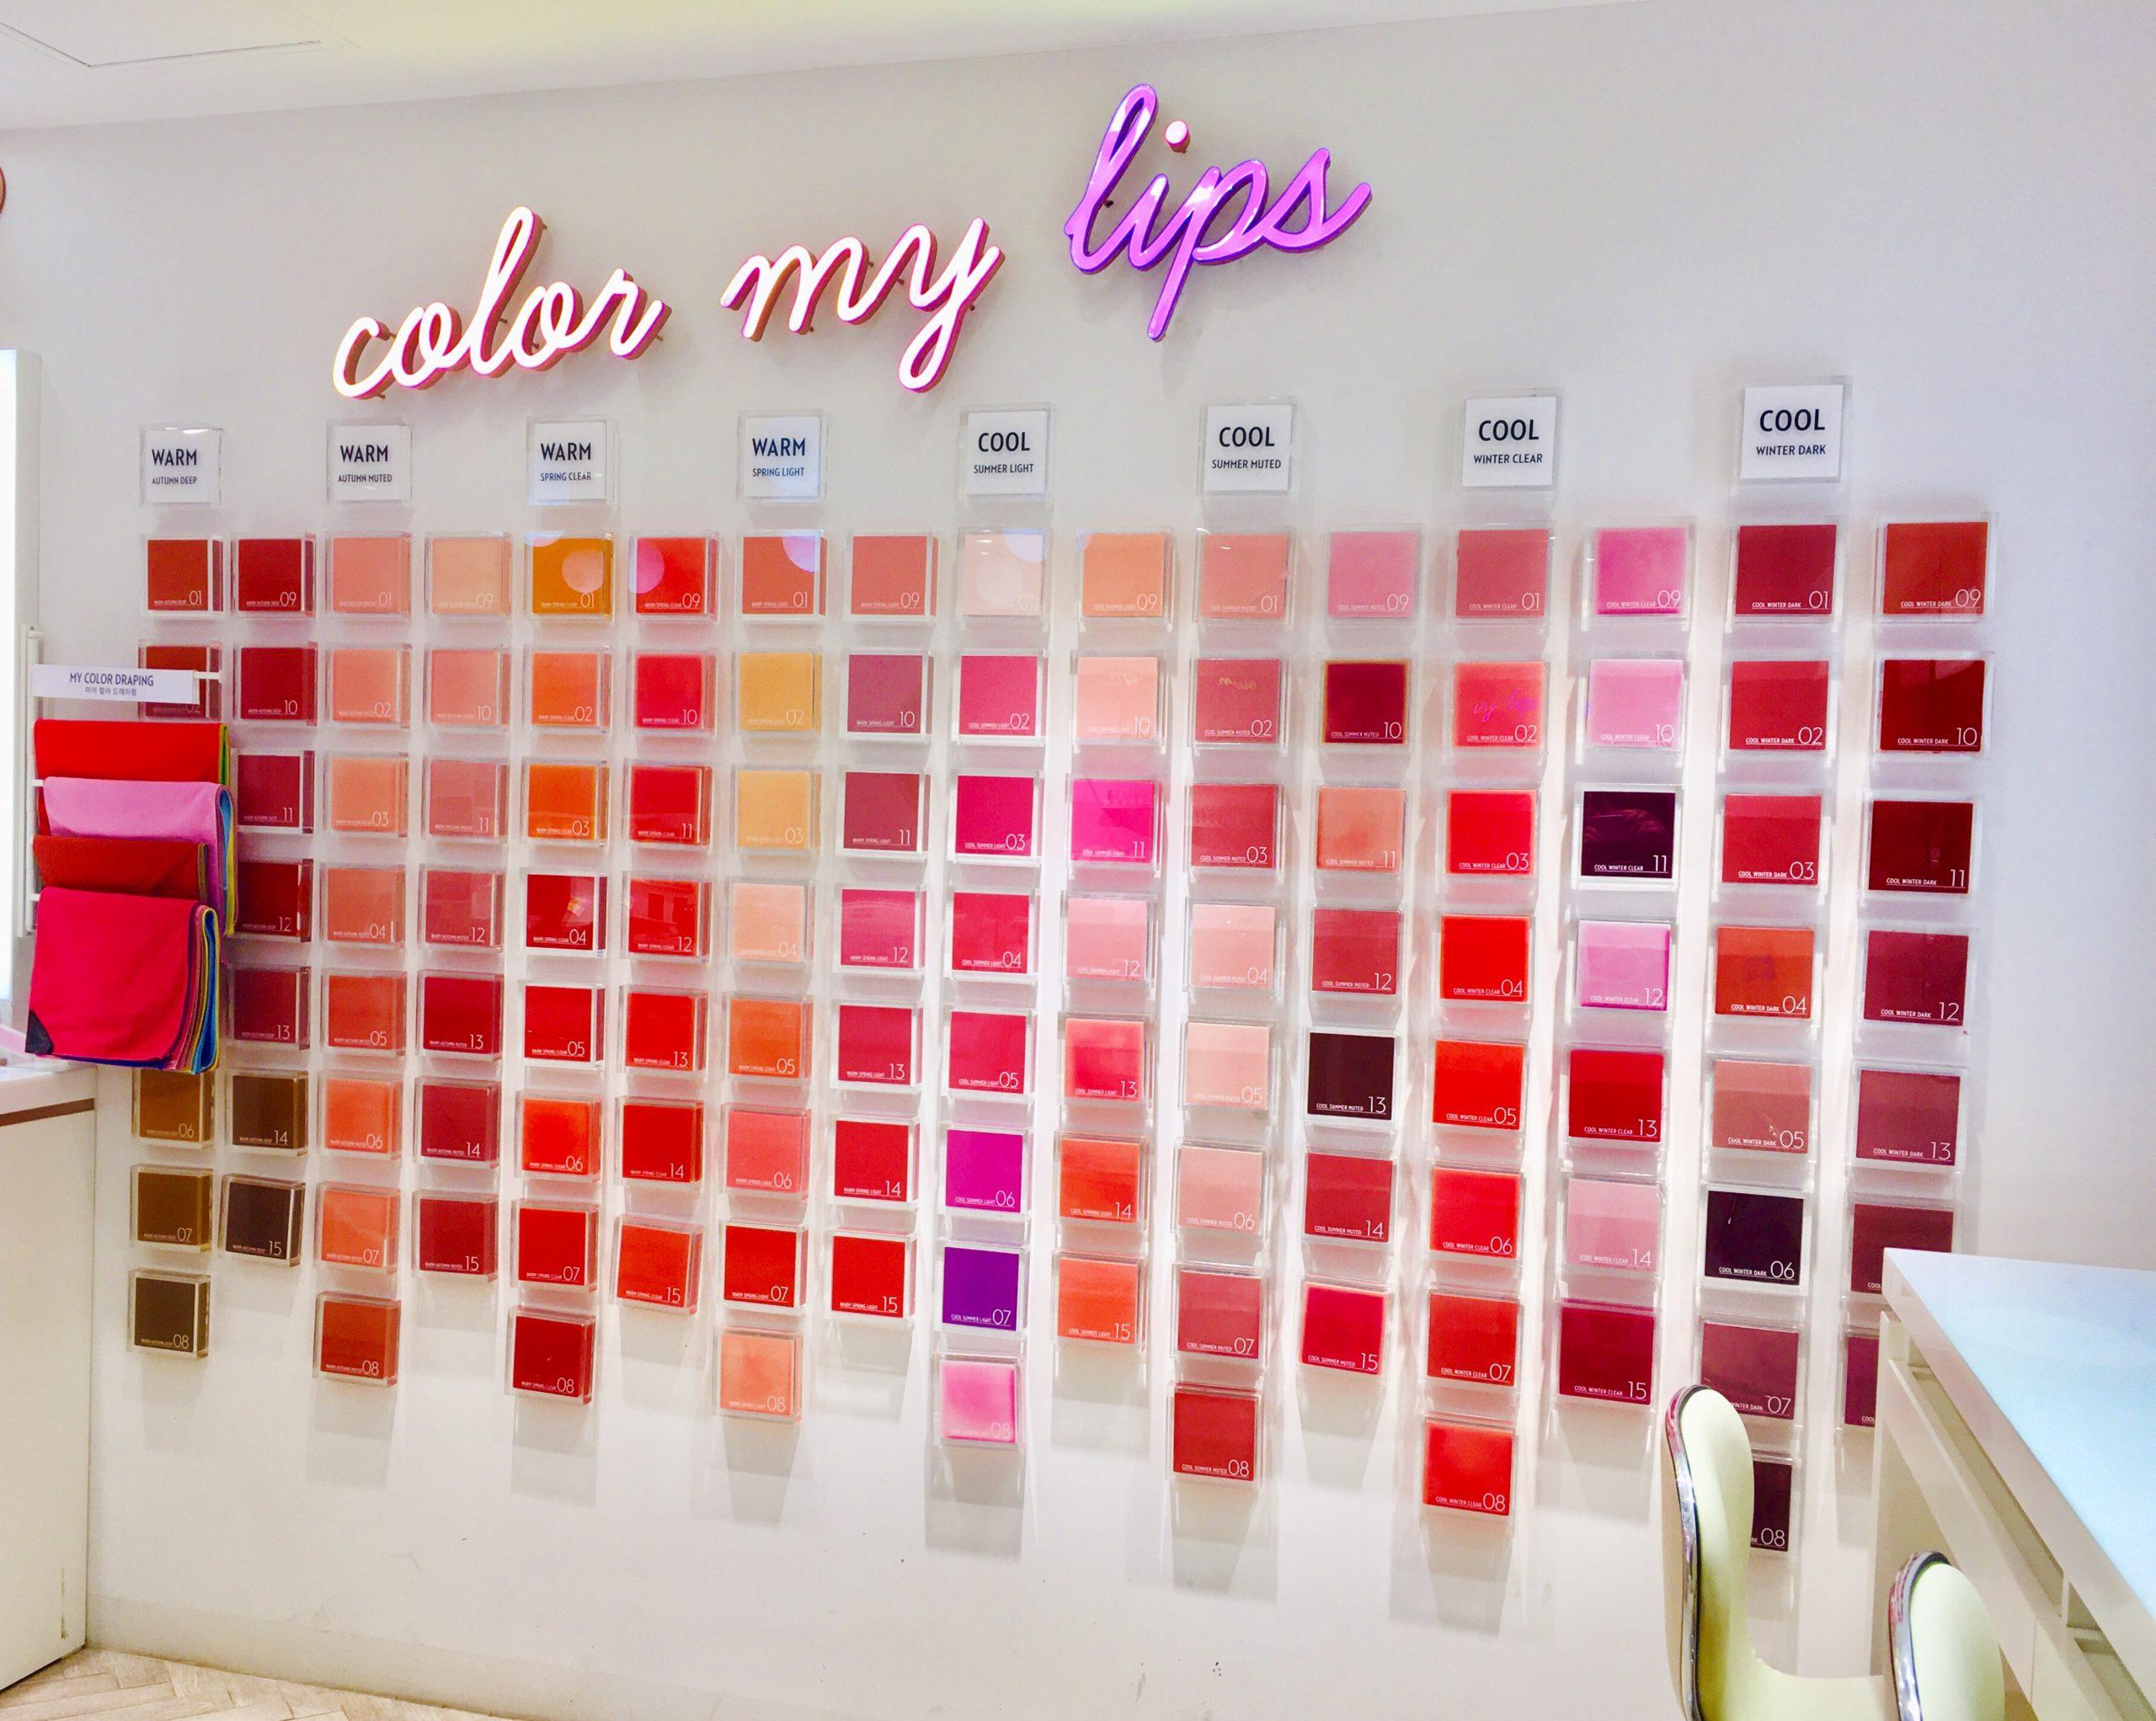 エチュードハウス パーソナルリップスティック 明洞 ミョンドン オリジナルリップ アイシャドウ ファンデーション カラー診断 カラーファクトリー color factory